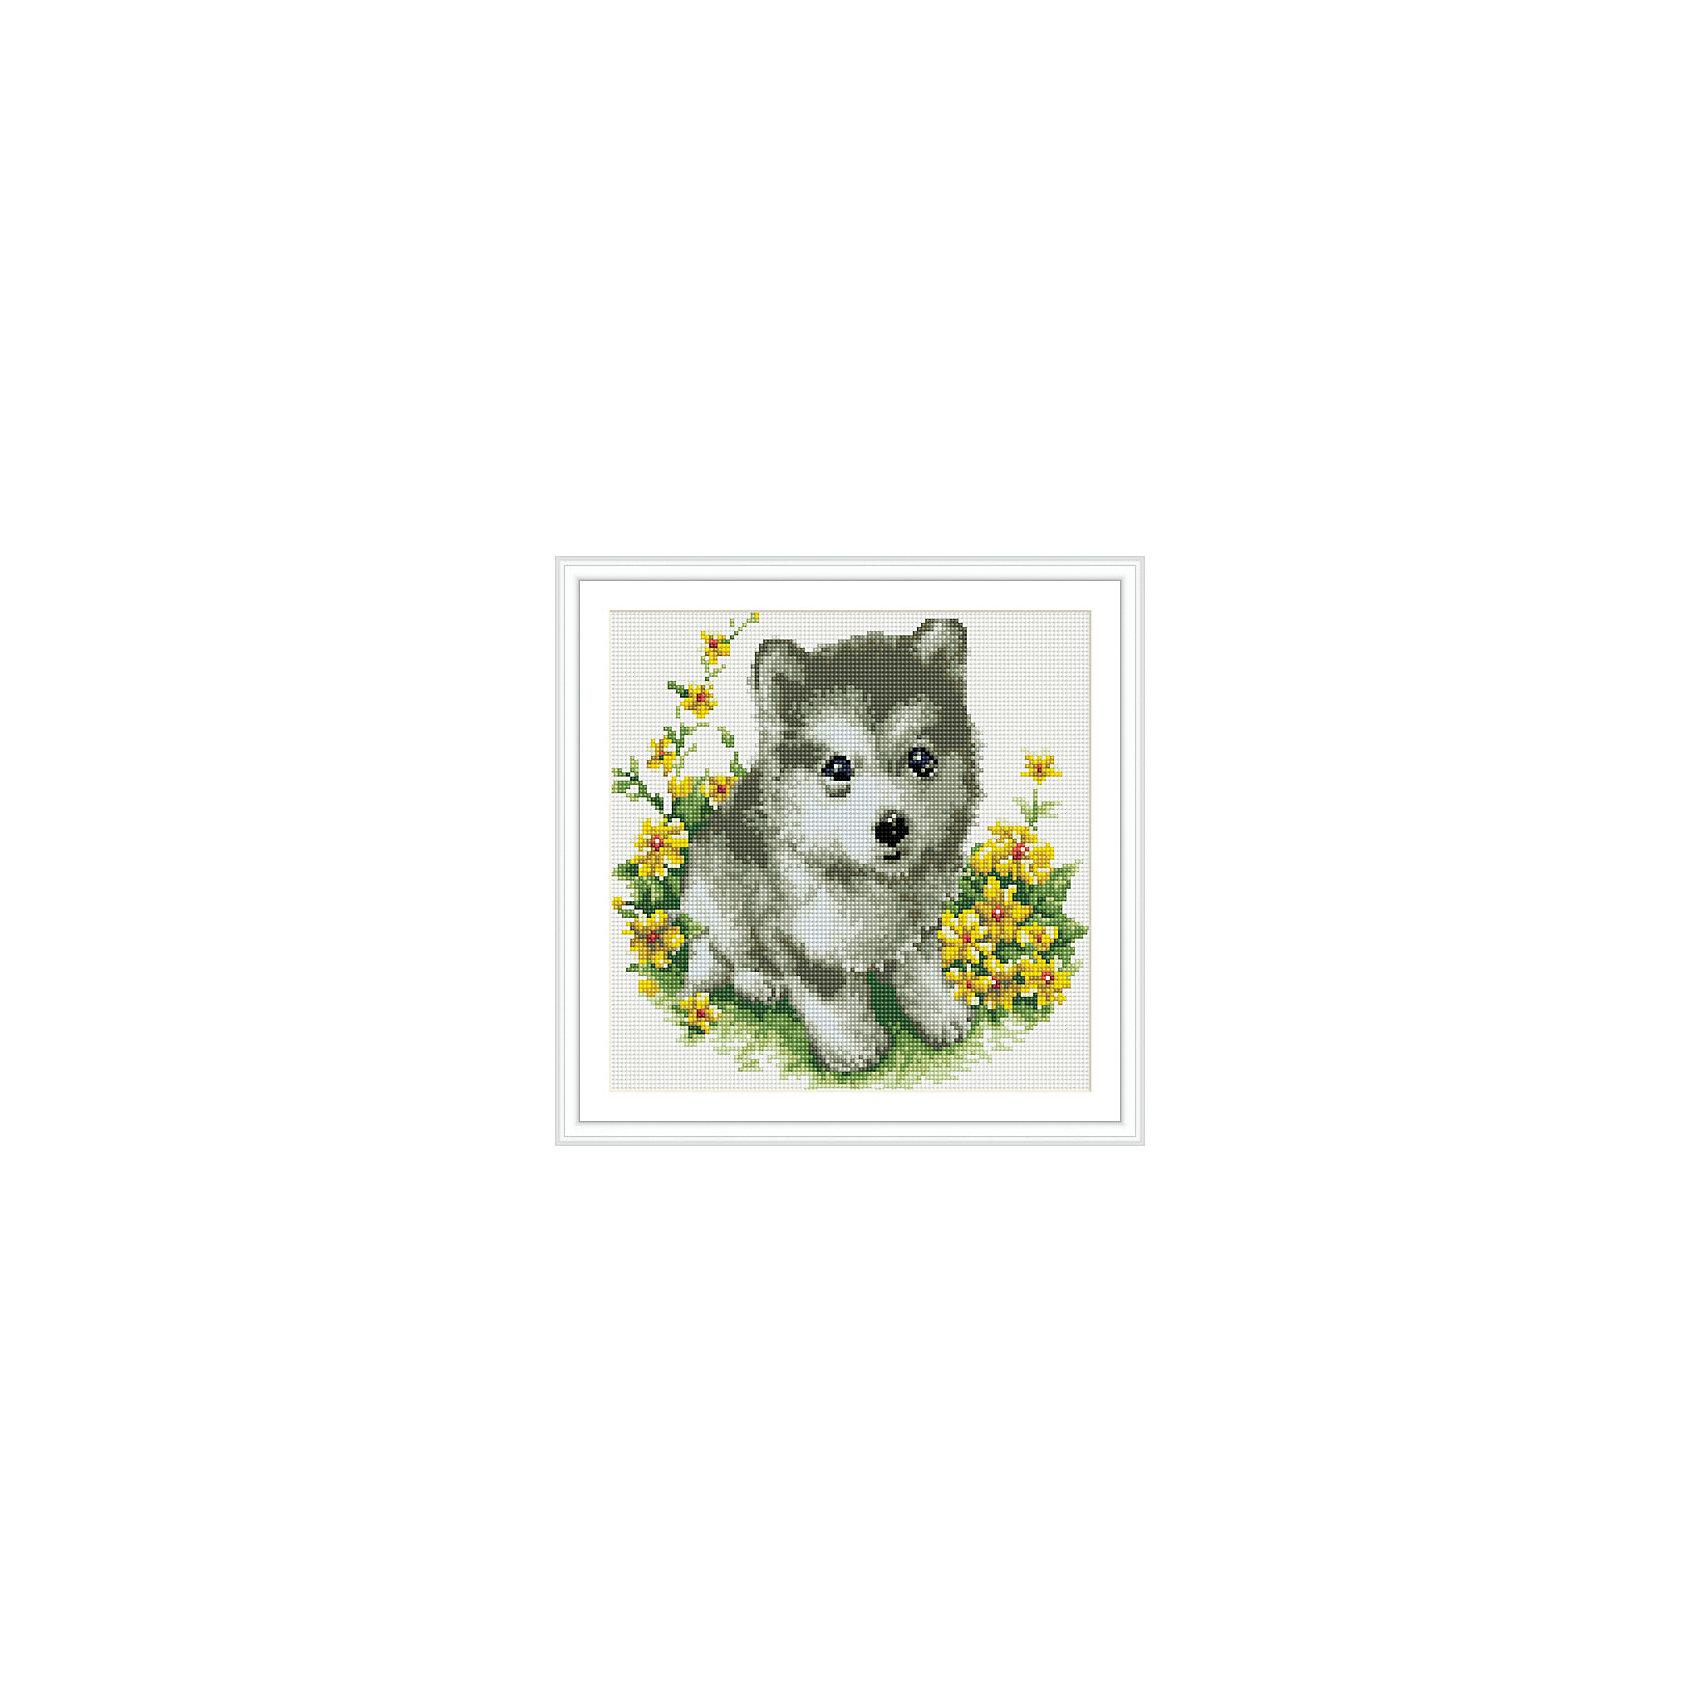 TUKZAR Алмазная мозаика по номерам Собачка 30*30 см, на подрамнике набор для творчества алмазная мозаика анютины глазки 30 см х 30 см